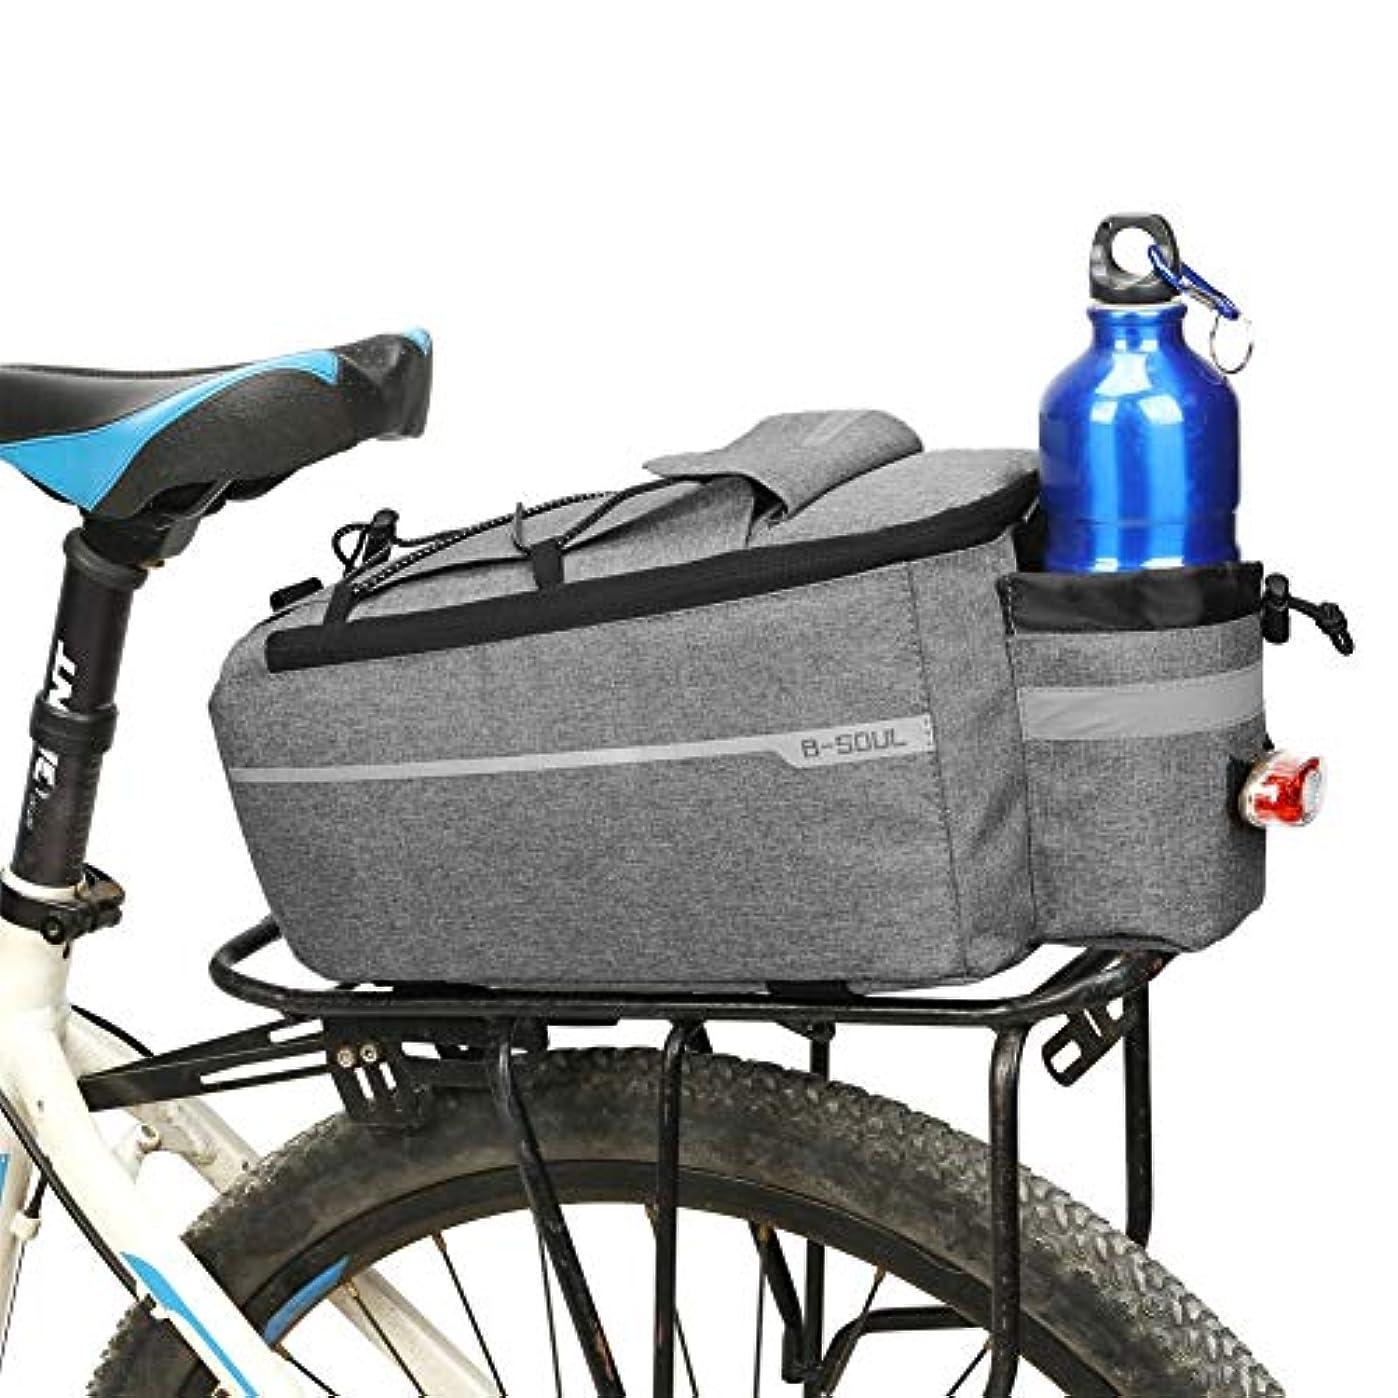 描く高音祝うOchine 自転車バッグ 保温トランククーラーパック サイクリング パニエ 自転車リアラック収納荷物ポーチ 反射型MTB自転車パニエショルダーバッグ